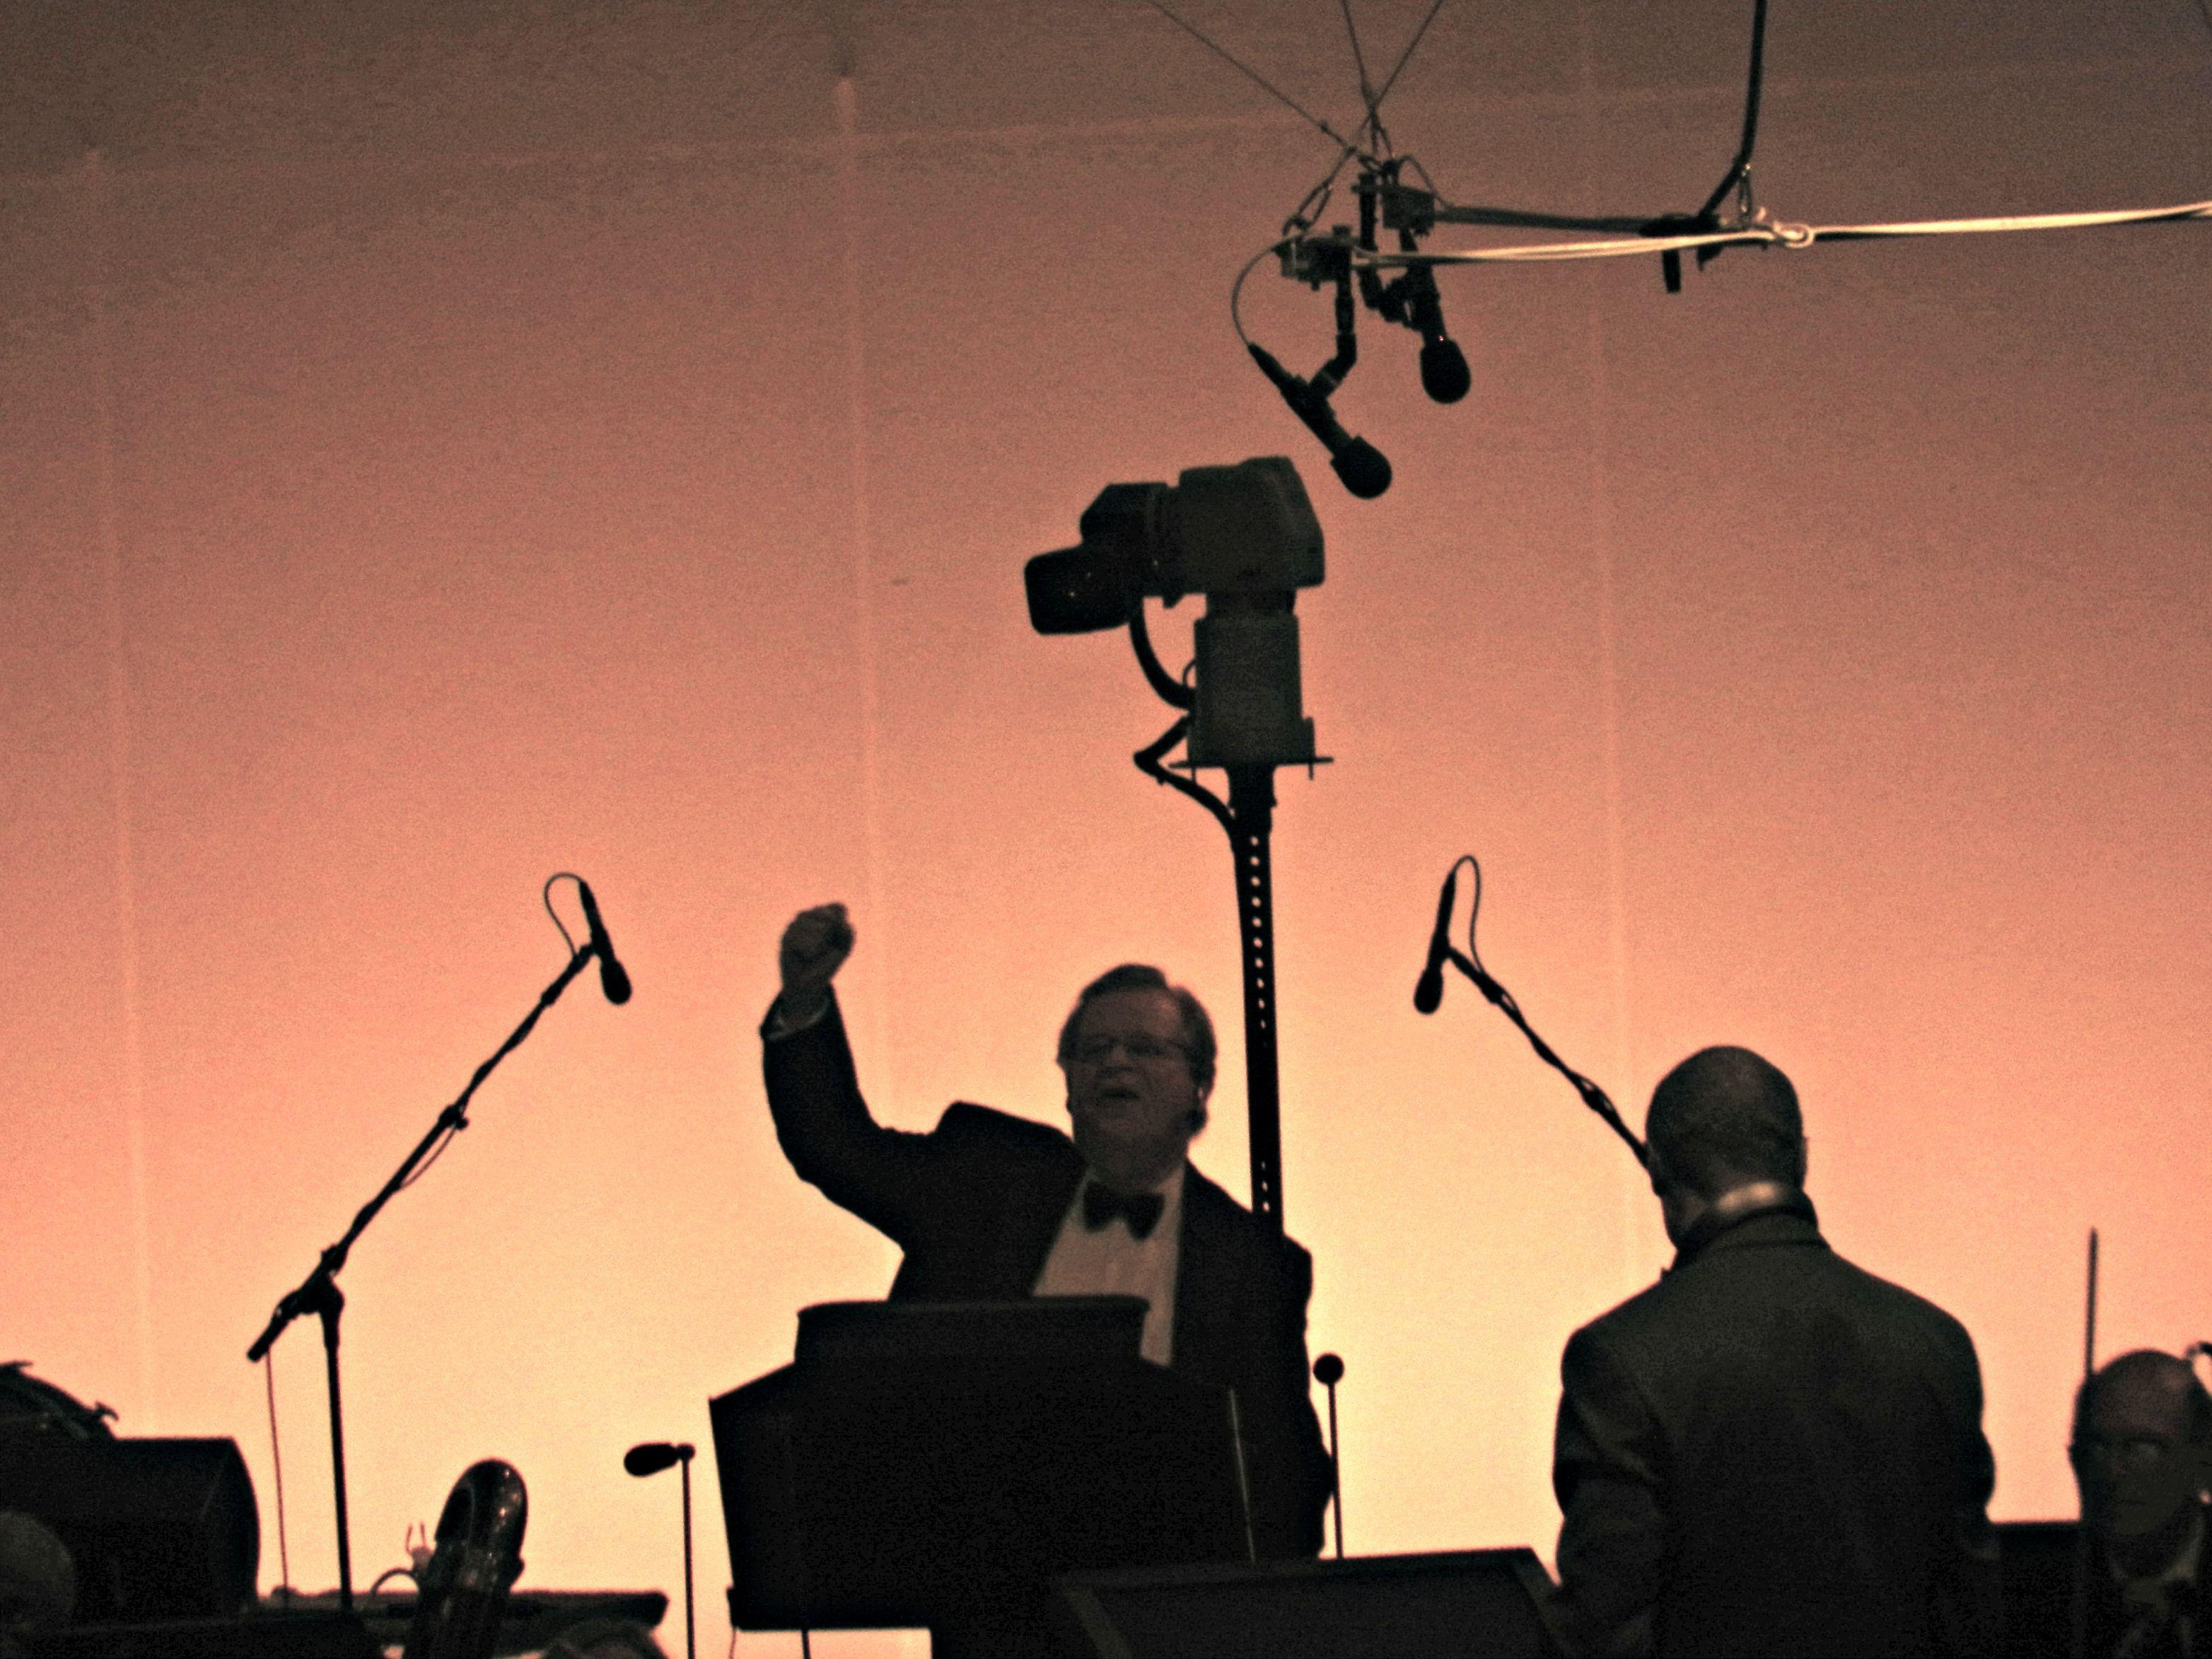 La Orquesta Sinfónica de Los Ángeles